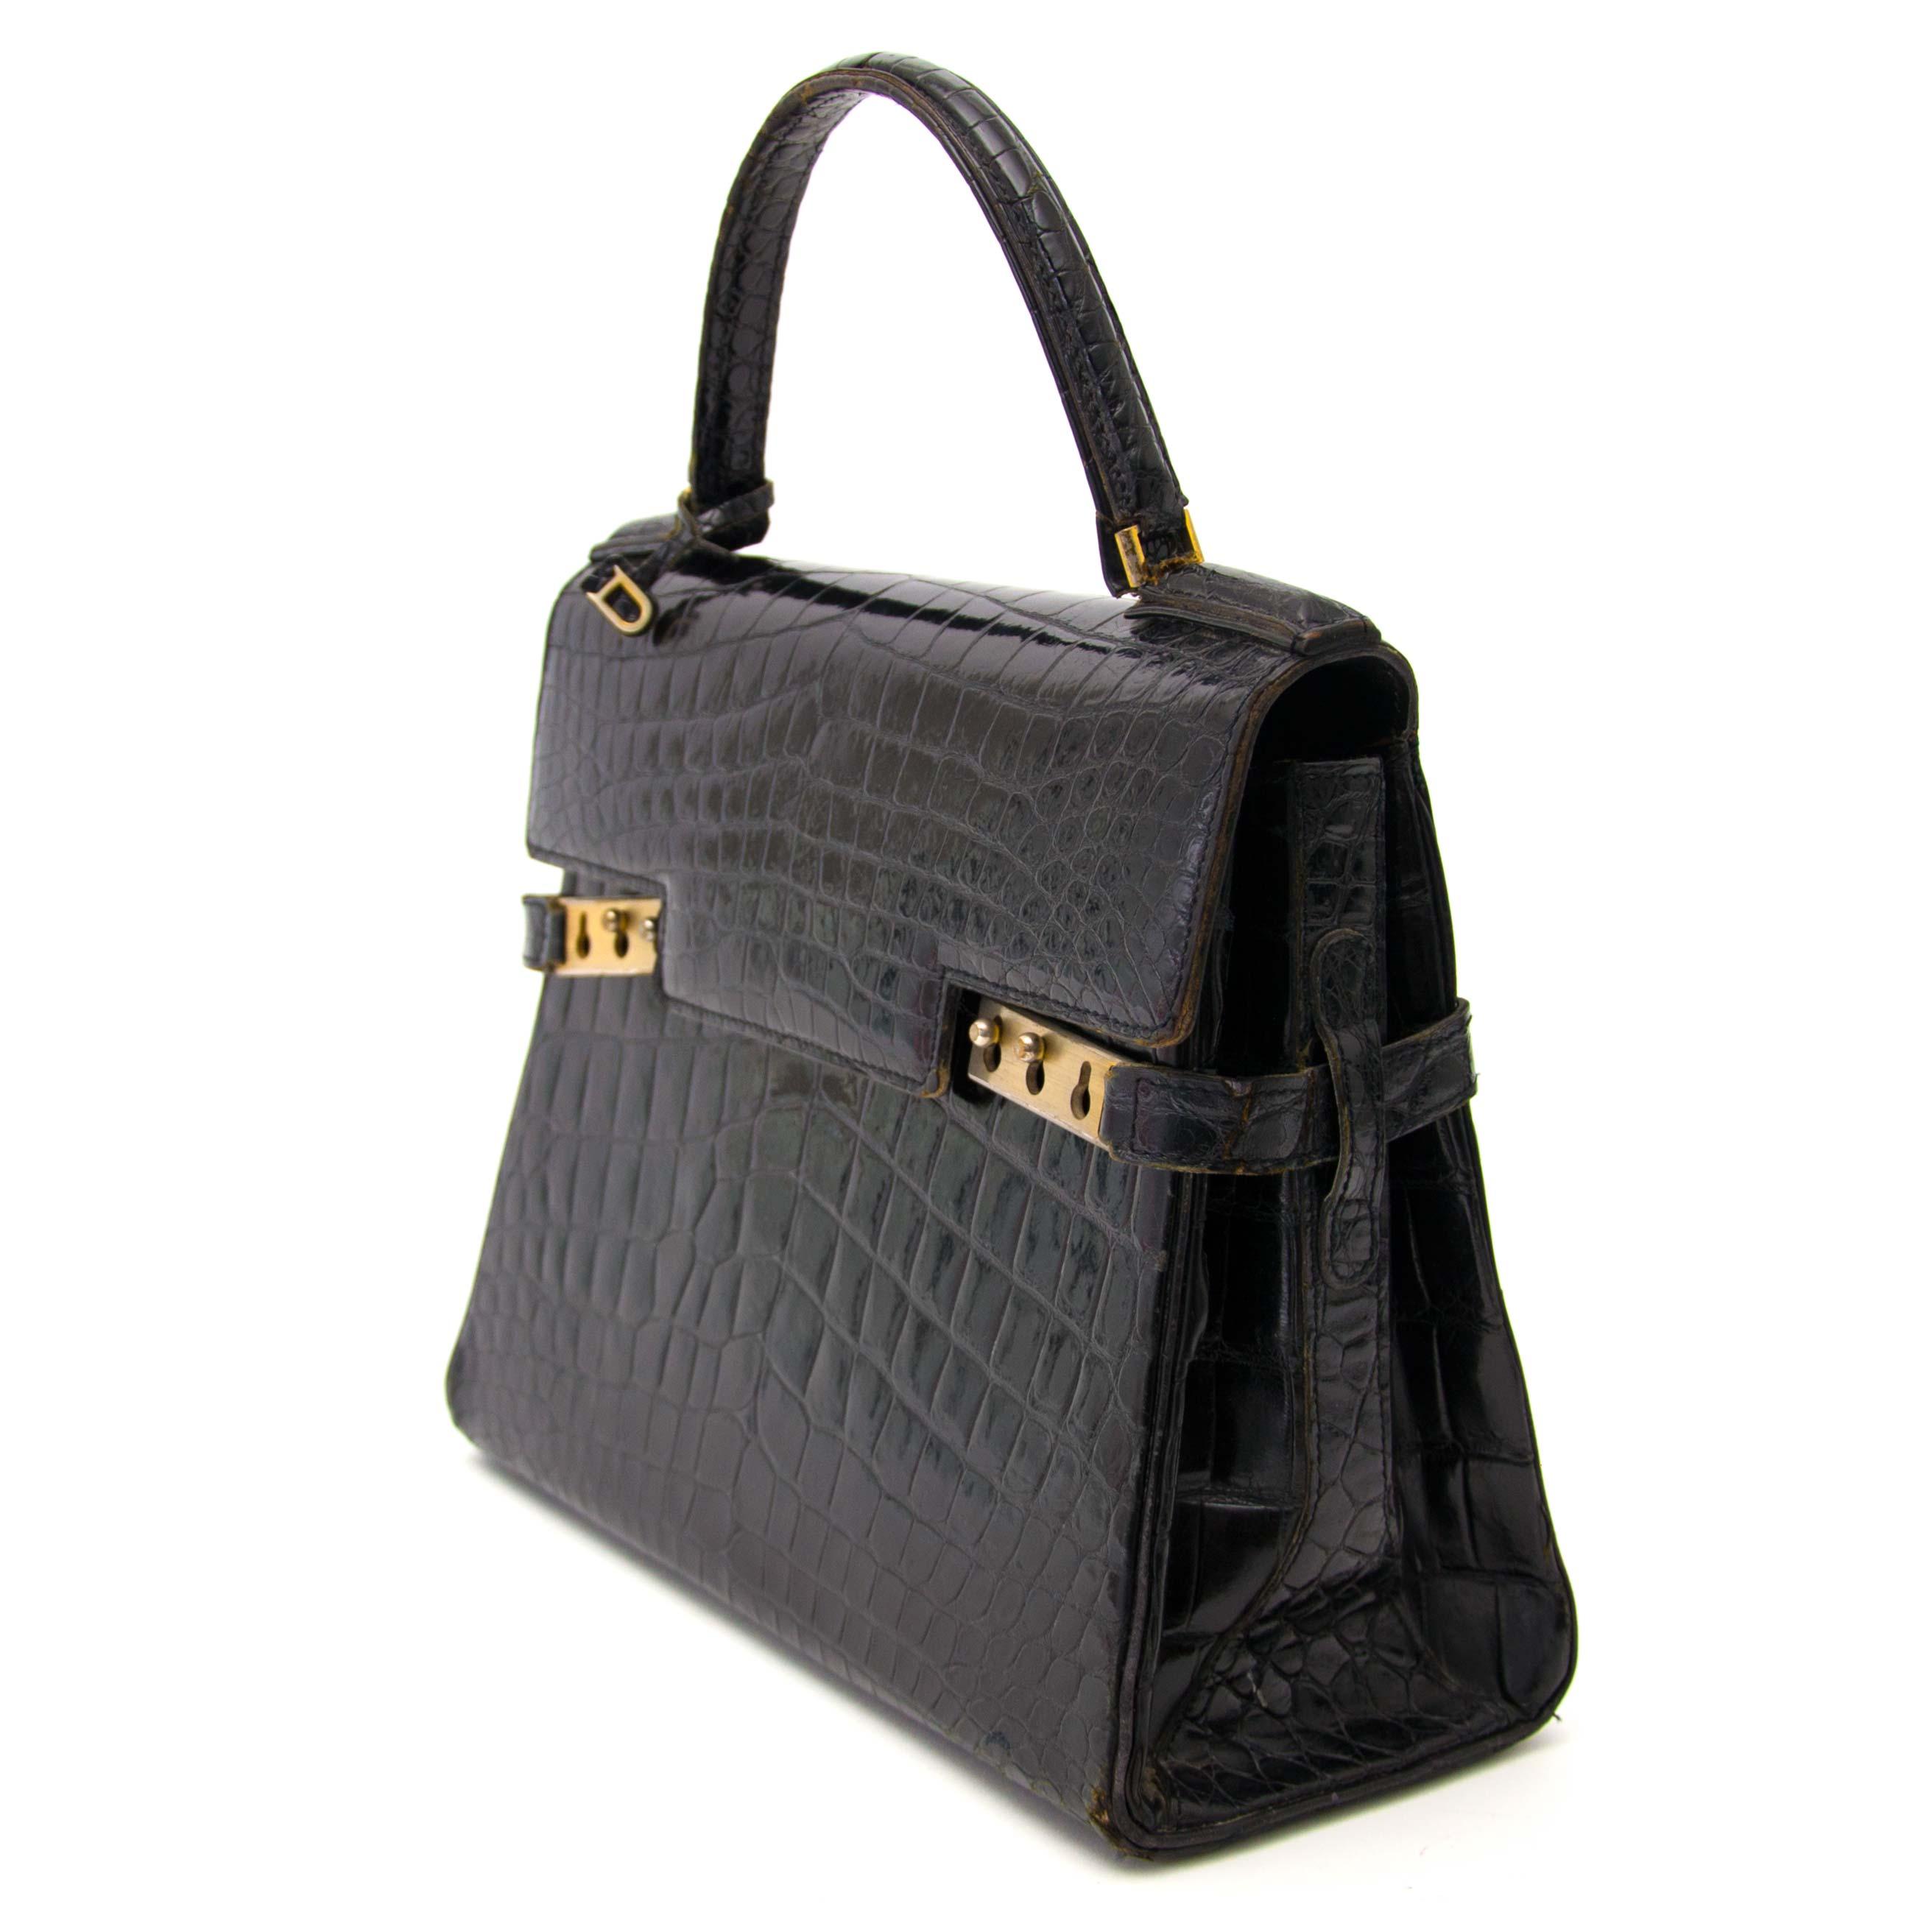 61a49cf28 Labellov Buy safe Delvaux designer vintage online. Vind tweedehands ...